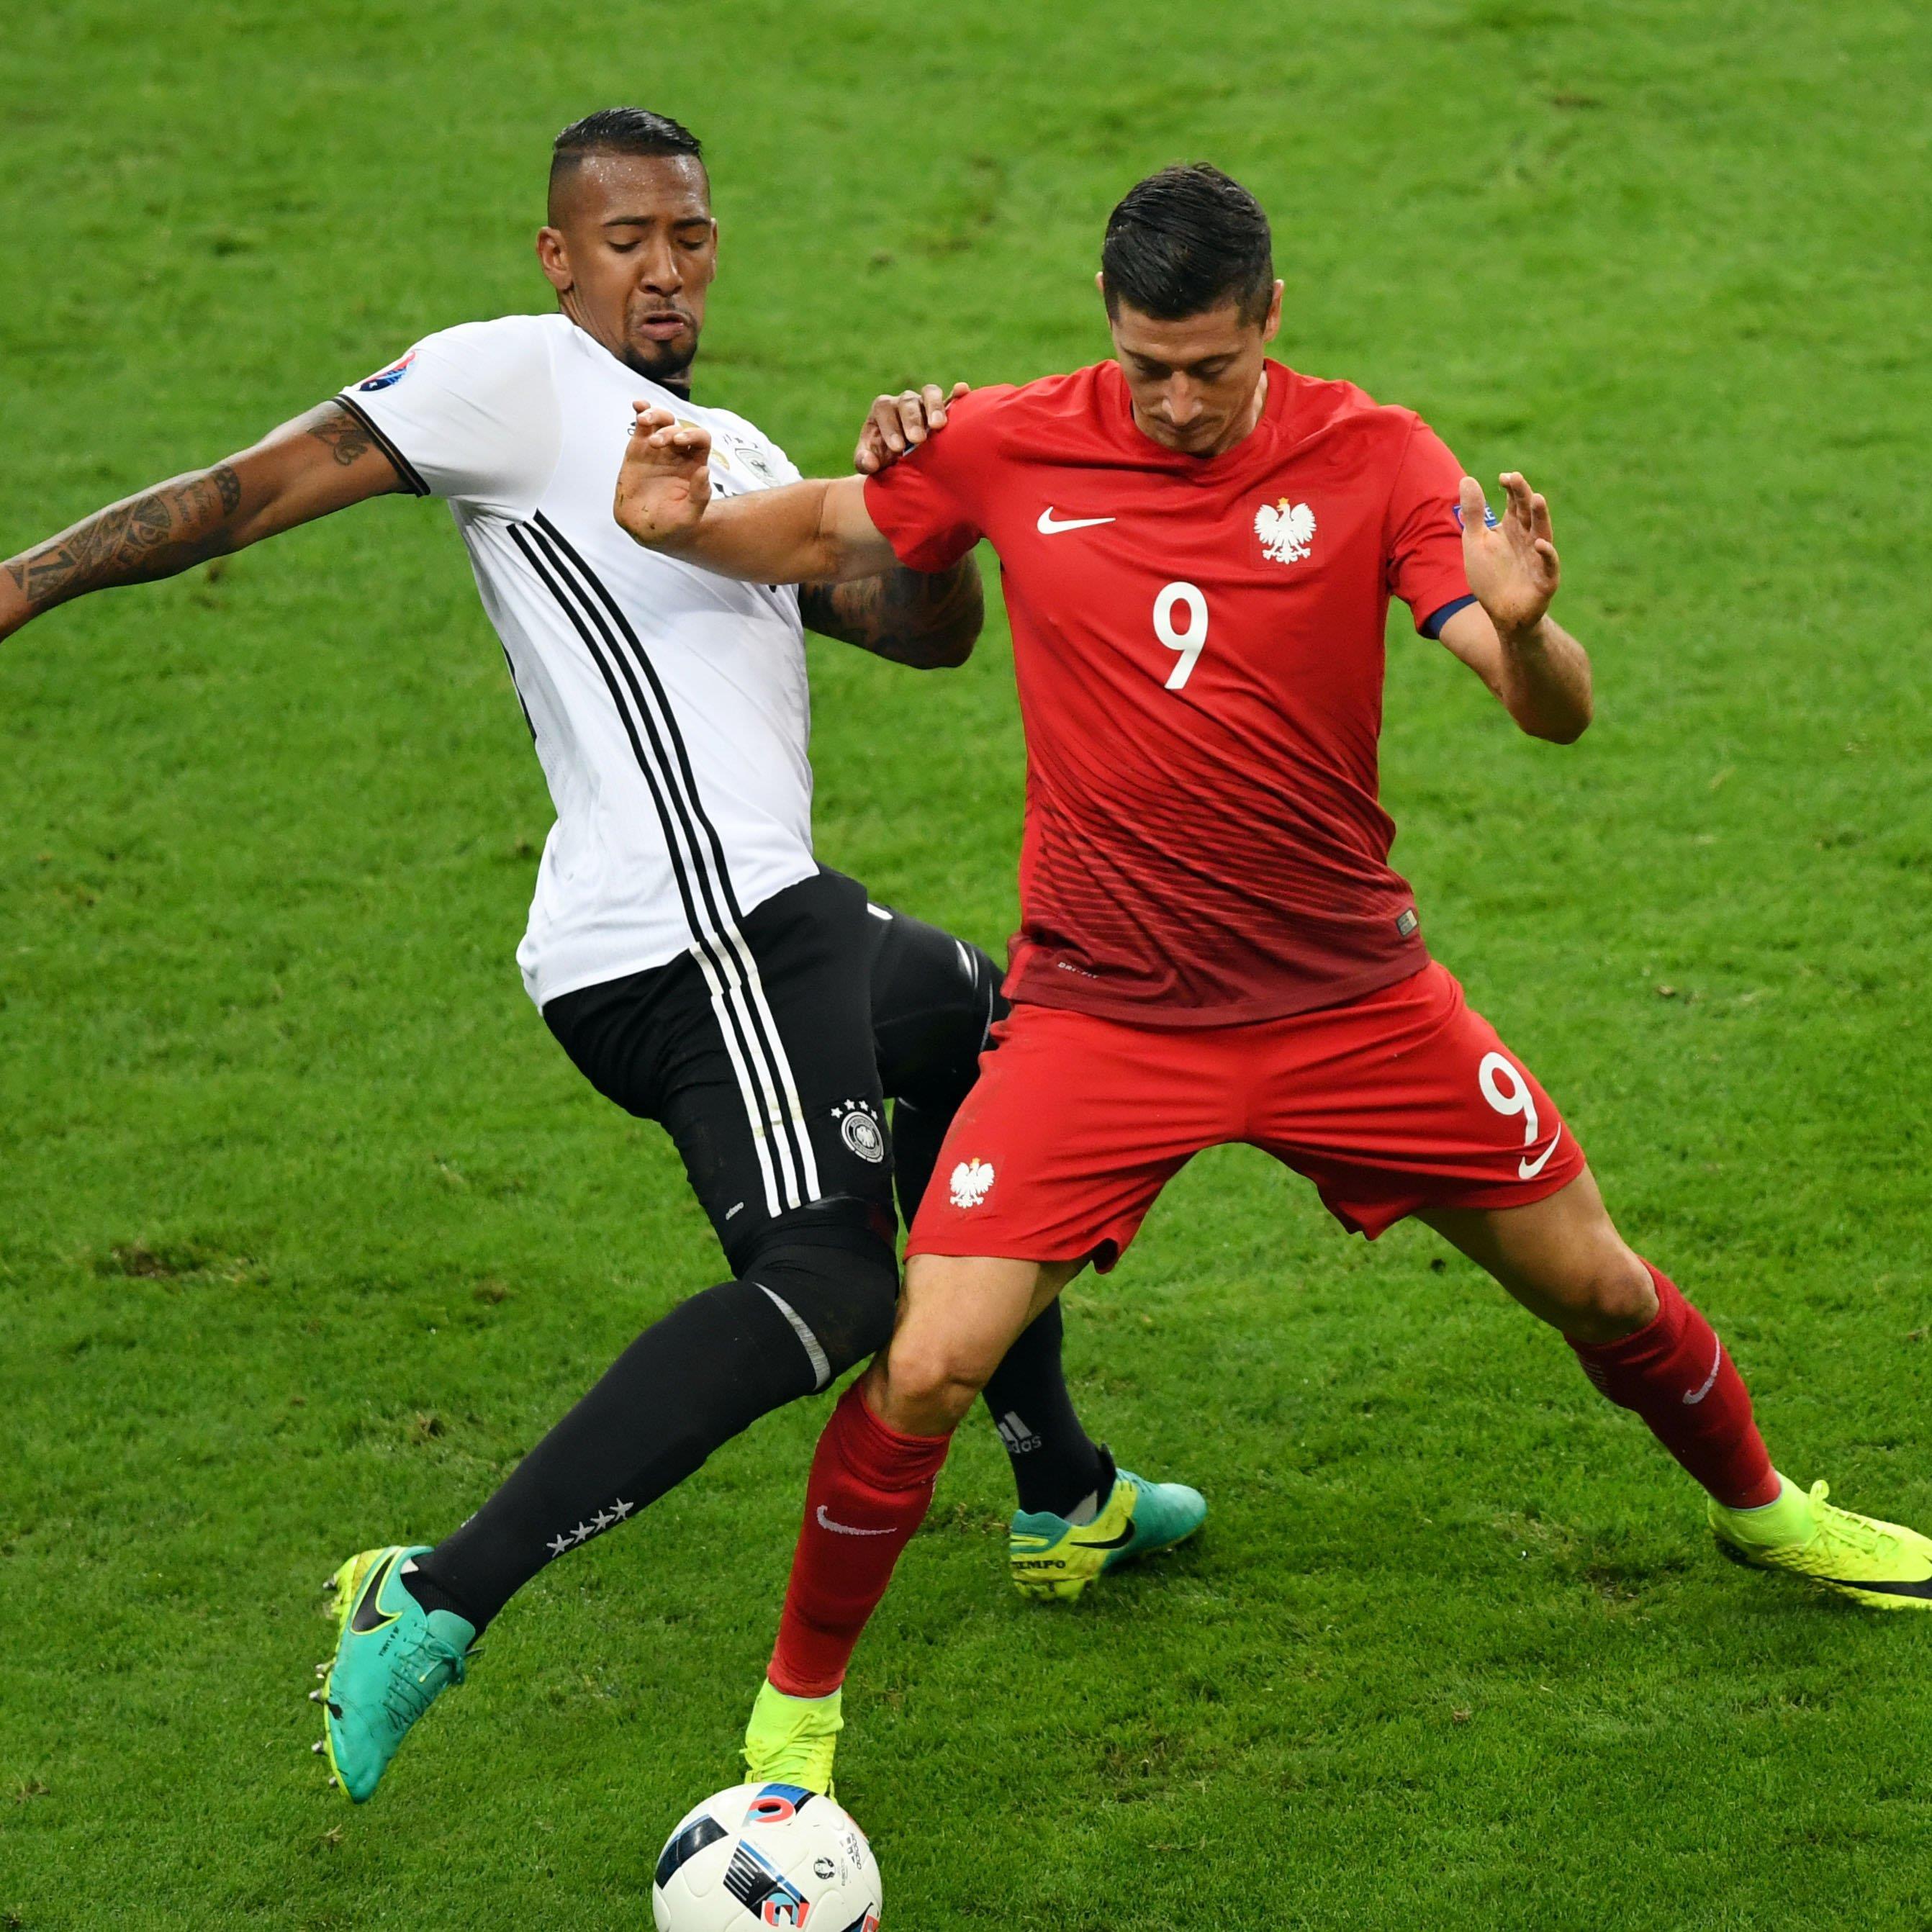 Lewandowski konnte sich gegen Boateng nur selten durchsetzen.